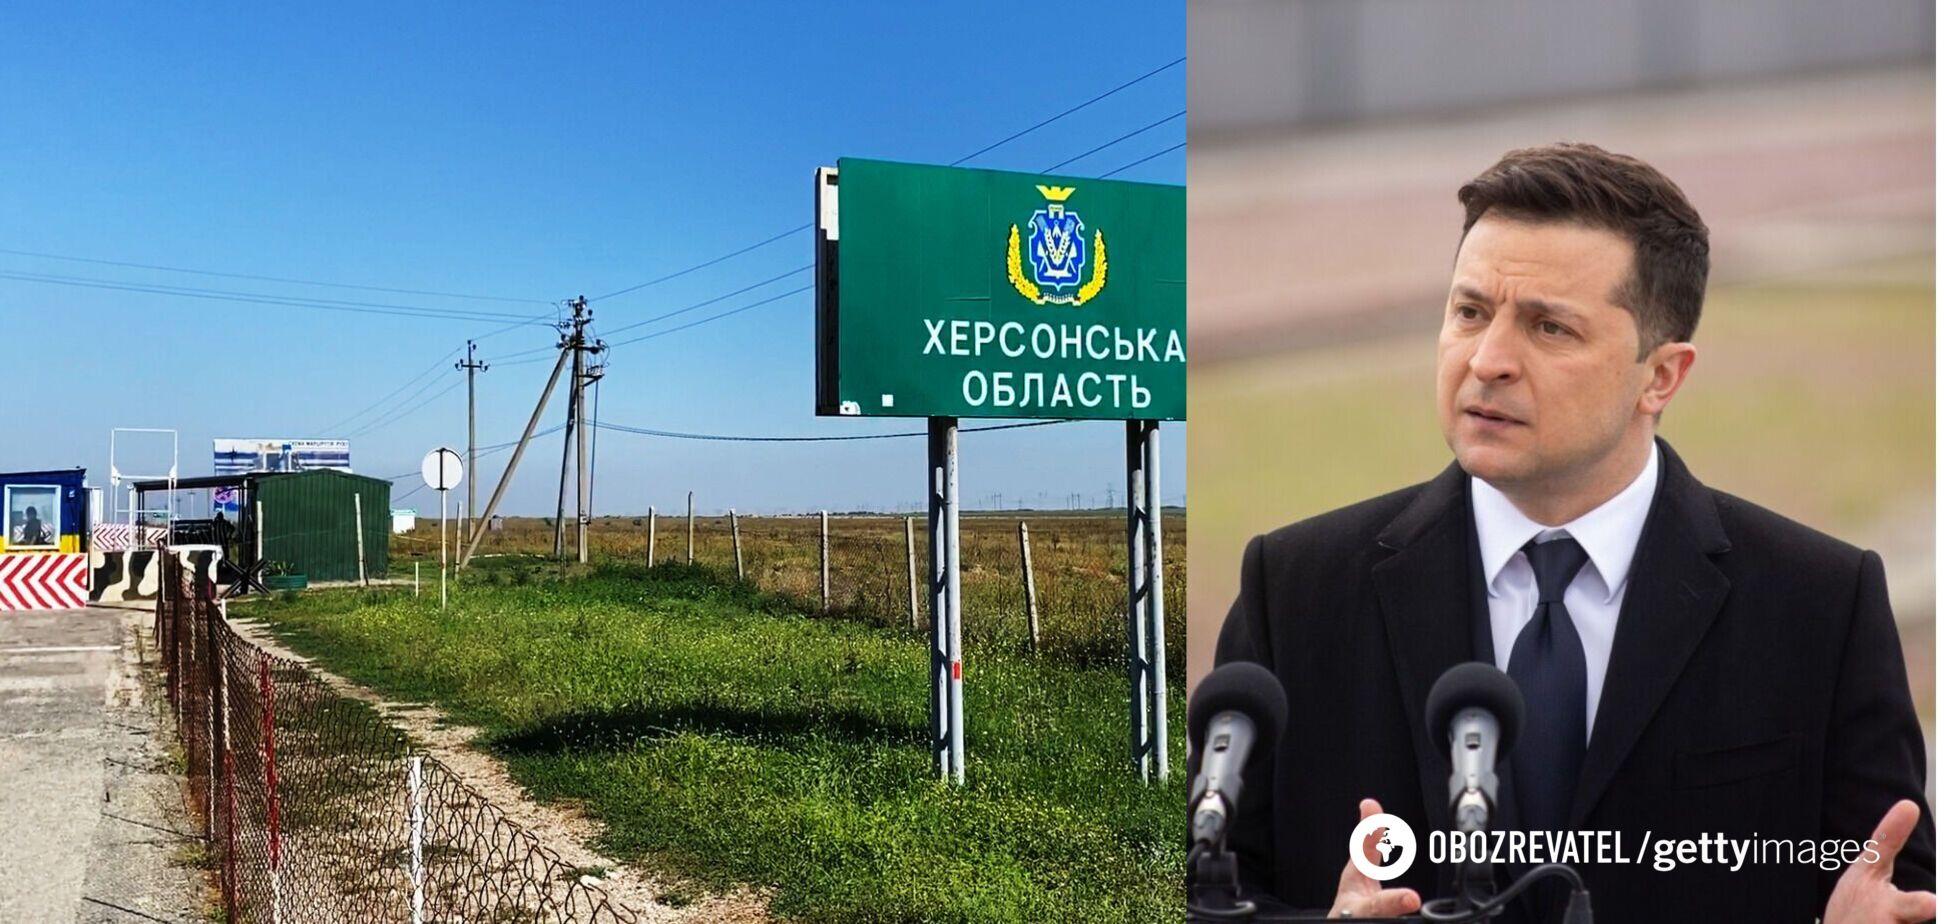 Зеленський прибув на адмінкордон із Кримом і проведе нараду з військовими